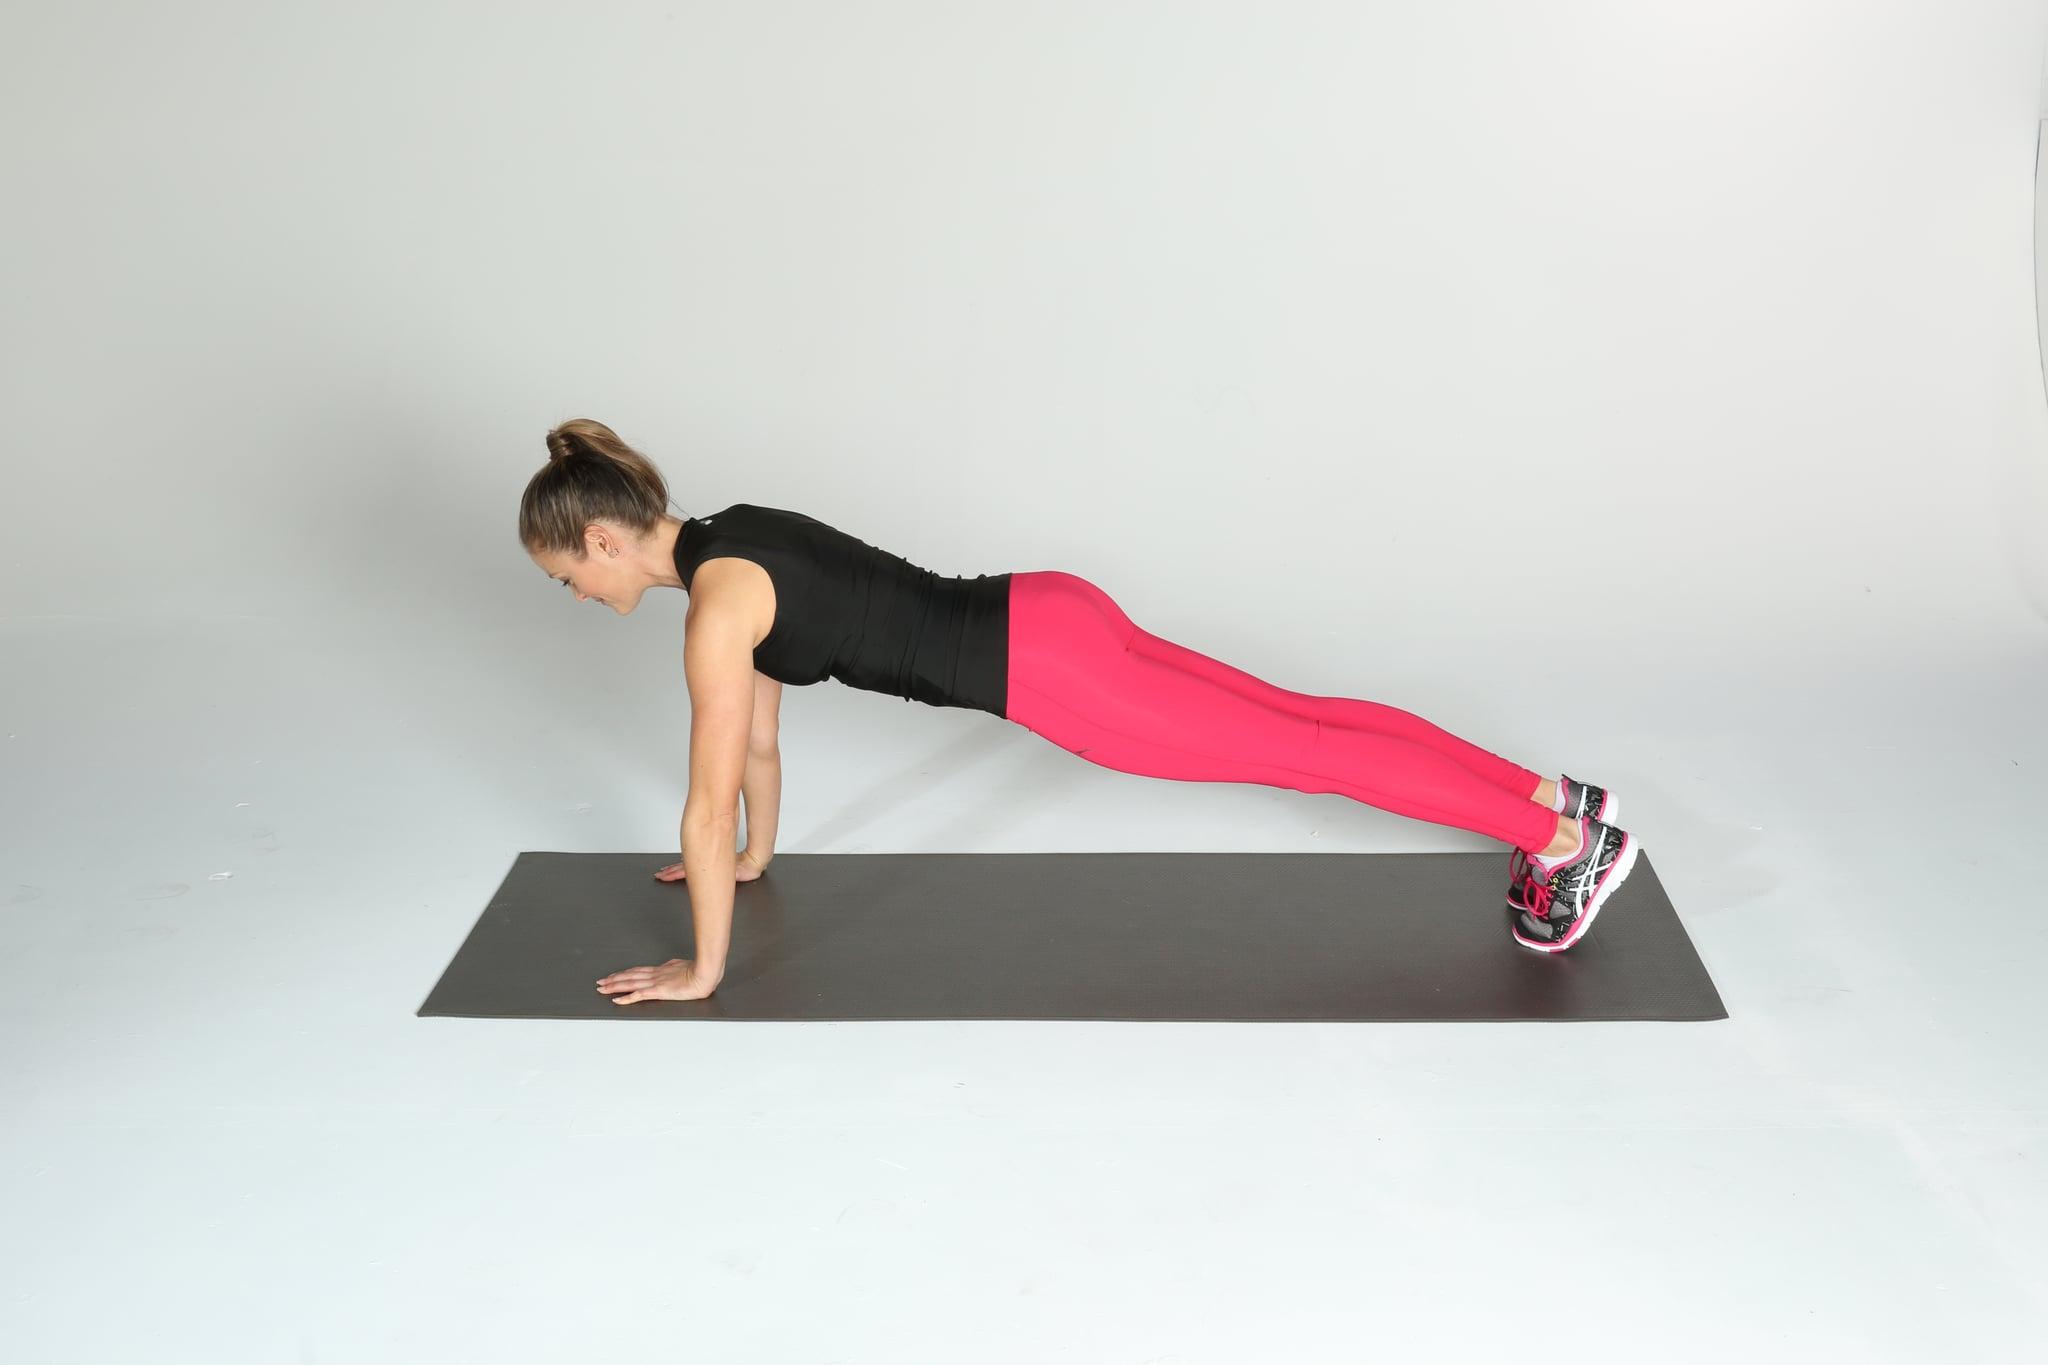 Техника выполнения упражнения вакуум в планке.